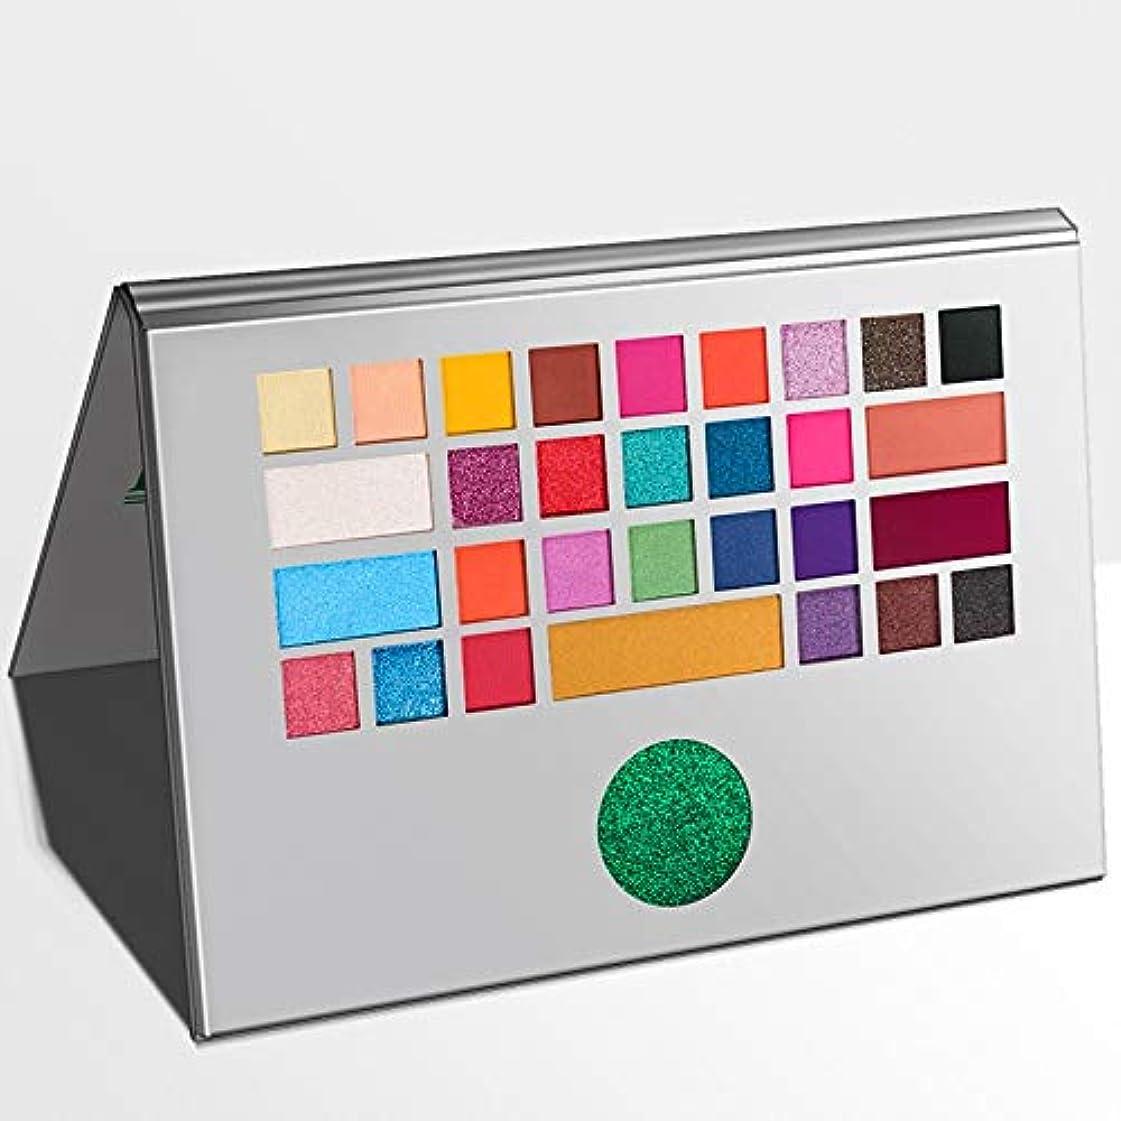 ボール不確実伝説新しいアイシャドウパレット31色ラップトップデザインアイシャドウメイクアップパレットアイシャドウパレットラップトップパレット (Color : 31 color)